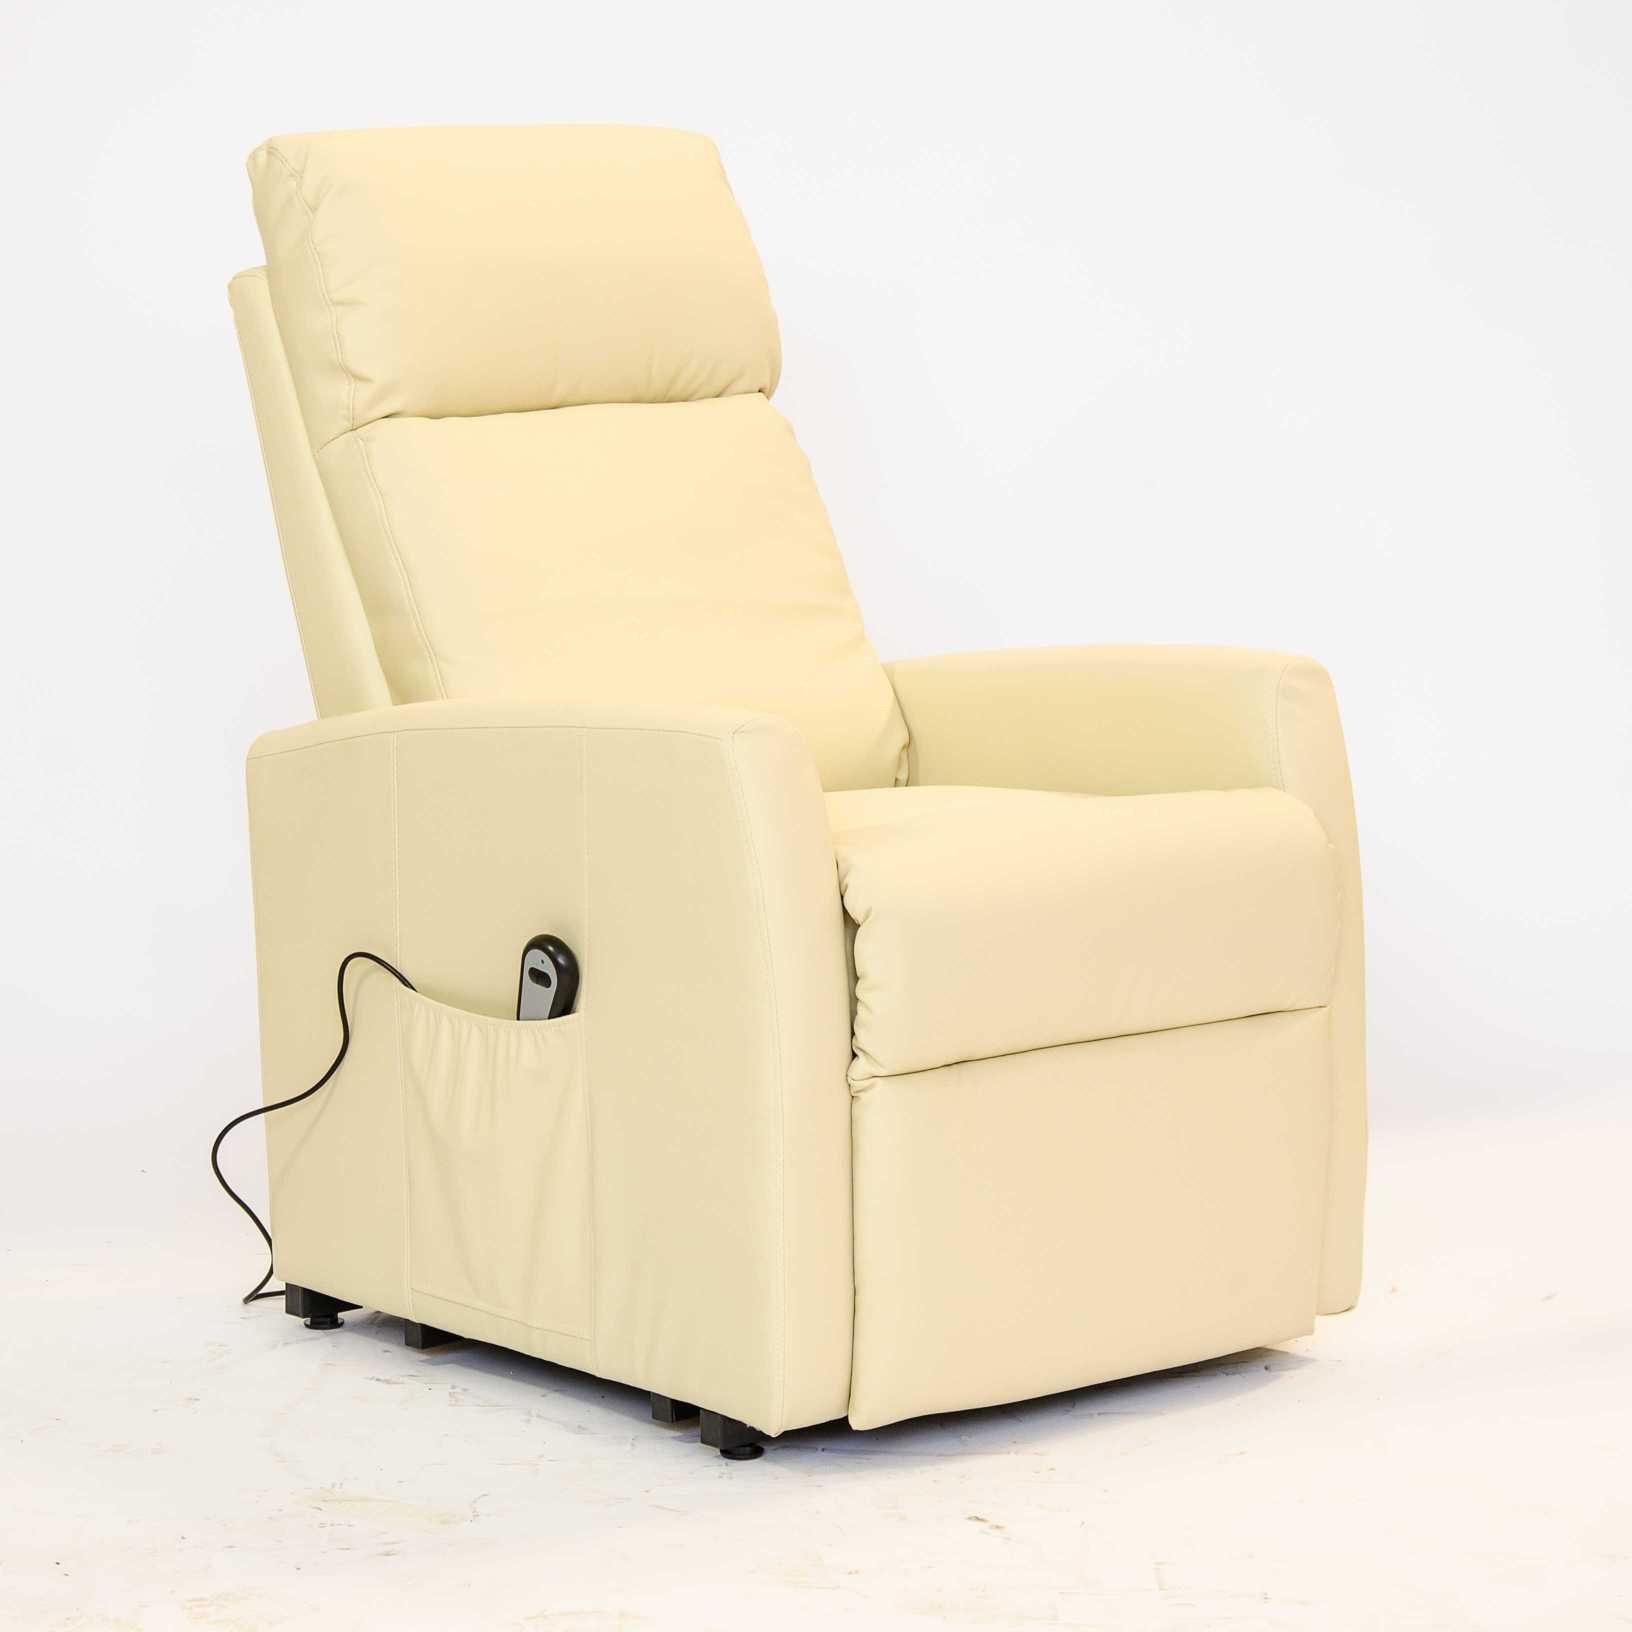 Elektrischer Sessel  Elektrischer Sessel Mit Aufstehhilfe Einfach Elektrischer